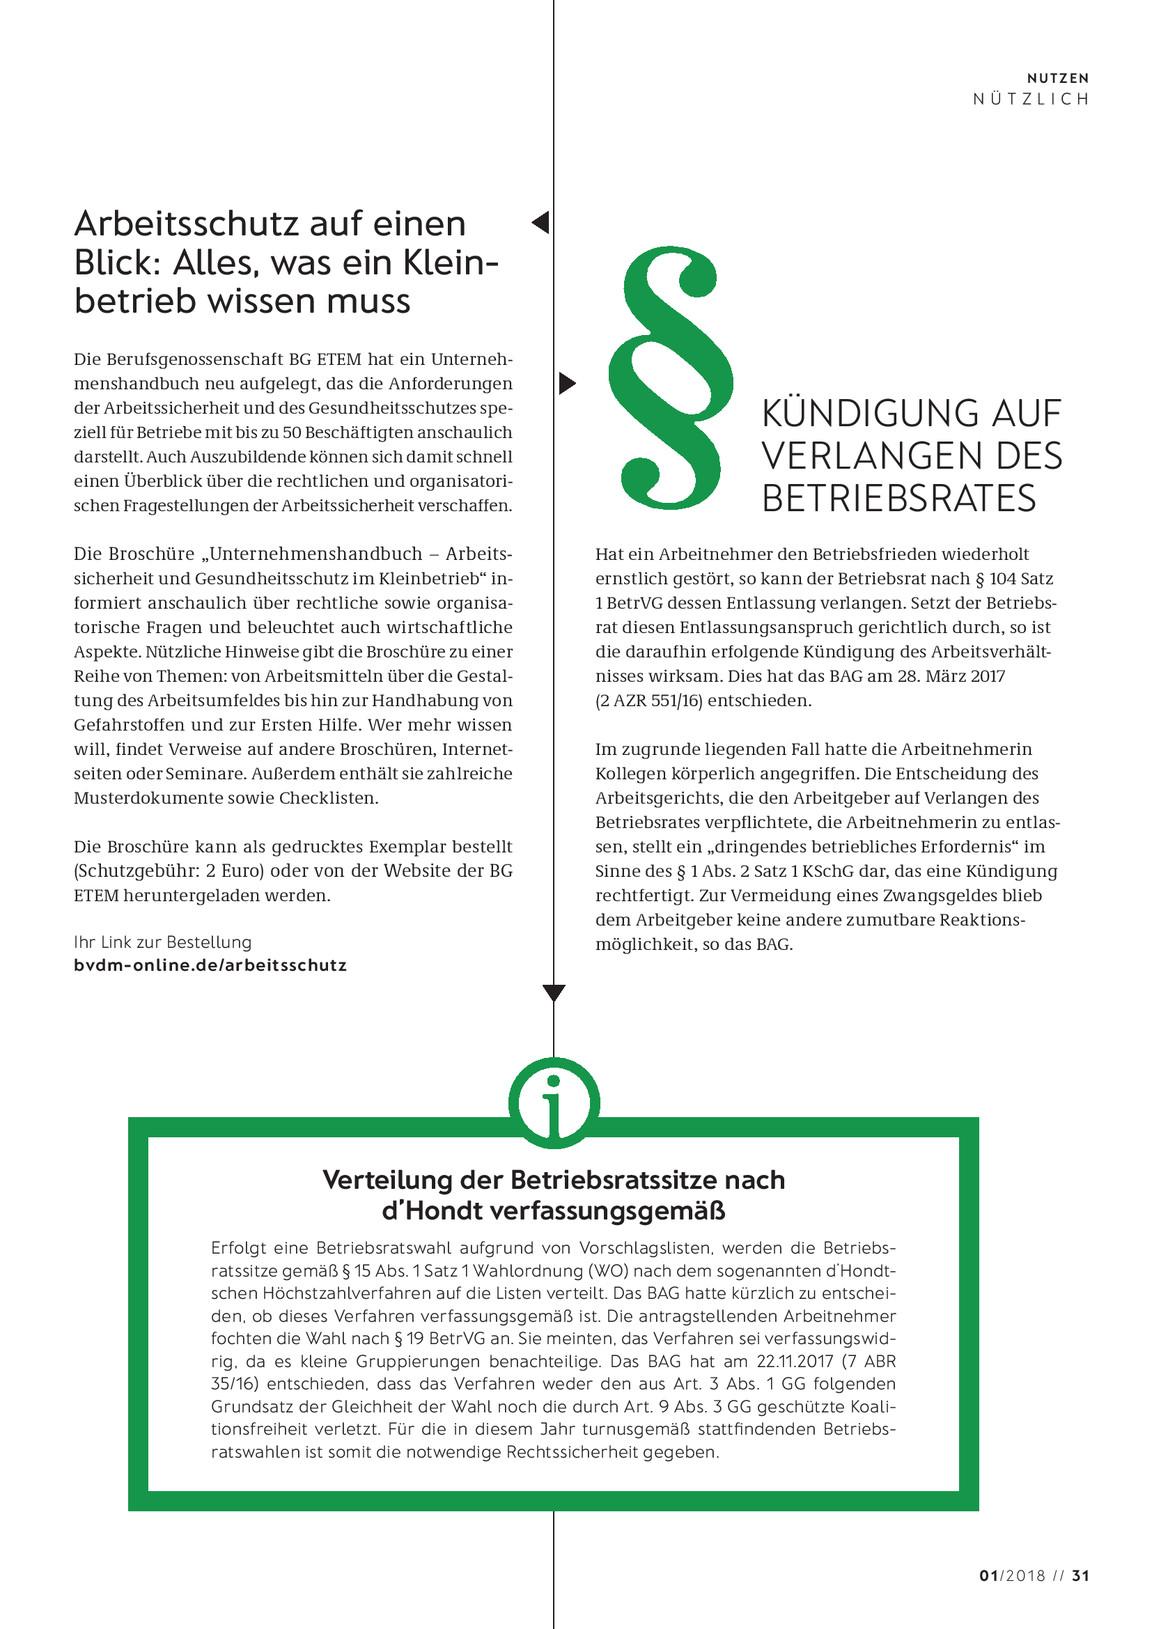 Nutzen Ausgabe 012018 Vdmno